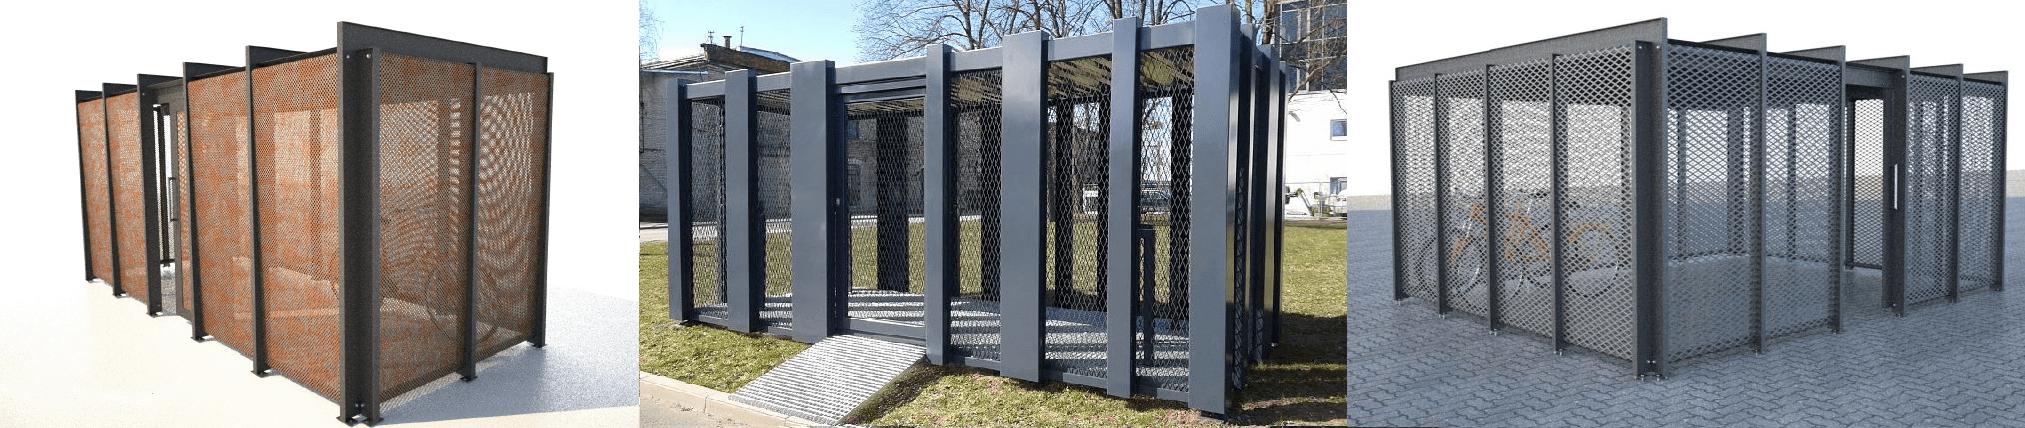 Secure Bike Storage Sheds   Glass, Wooden & Metal